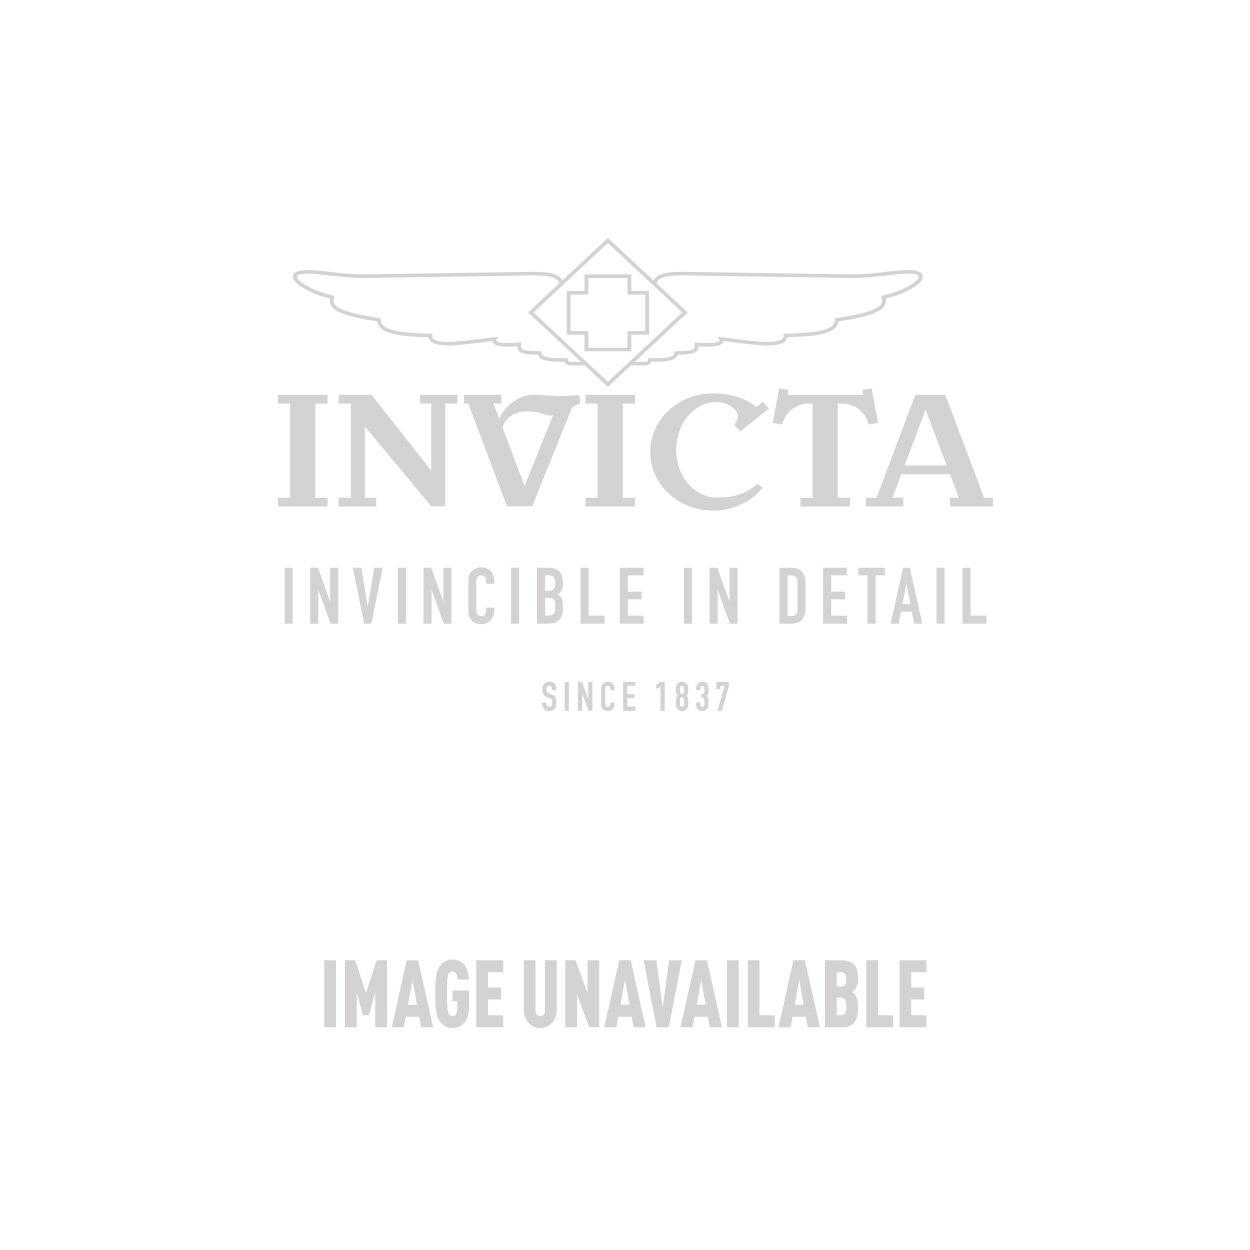 Invicta Model 25177